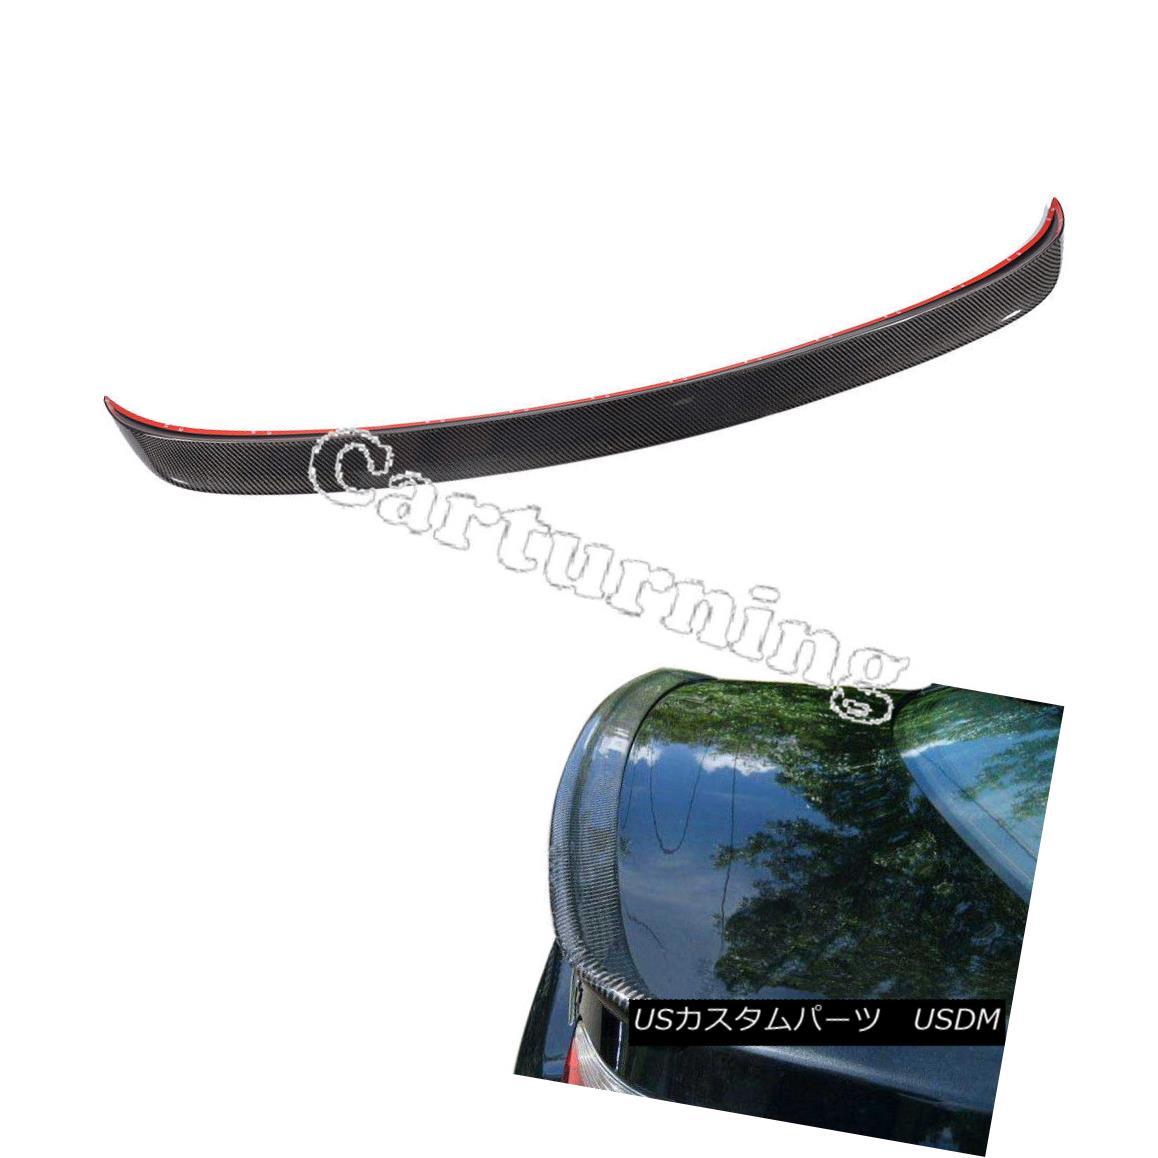 エアロパーツ Carbon Fiber Trunk Lid Spoiler Wings Fit for BMW E60 Sedan M5 Sedan BMW E60セダンM5セダンに適合するカーボンファイバートランクリッドスポイラーウイング